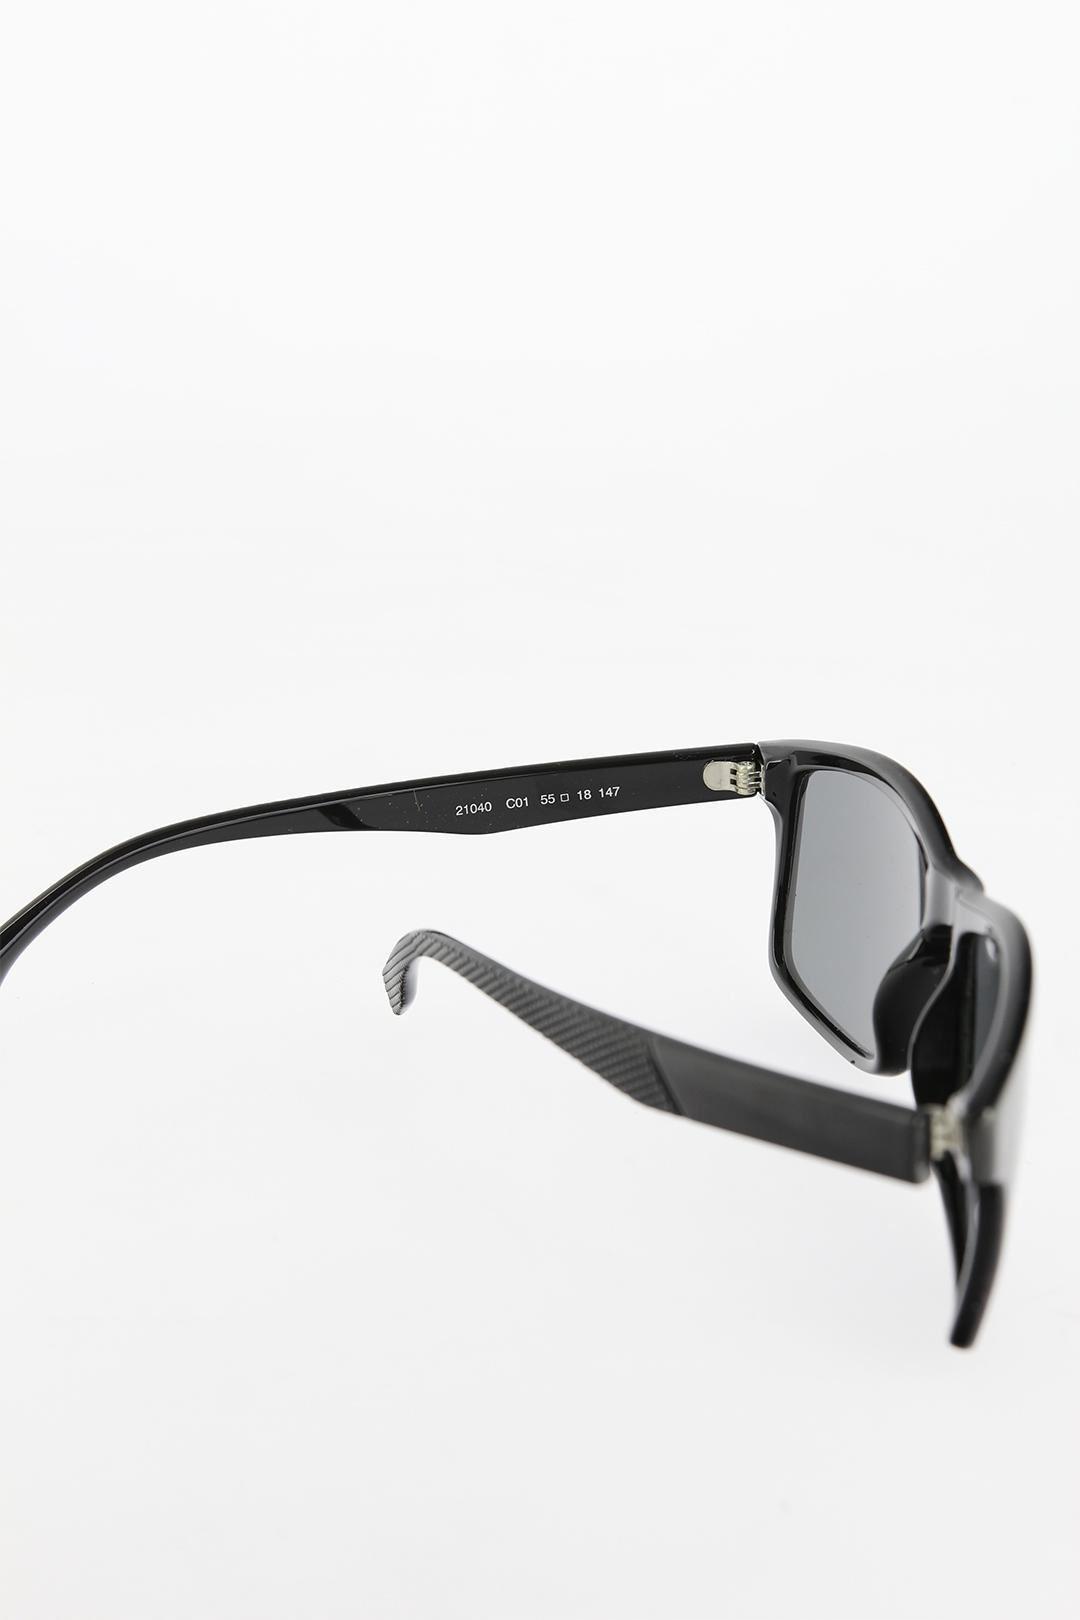 Siyah Kare Çerçeveli Erkek Güneş Gözlüğü